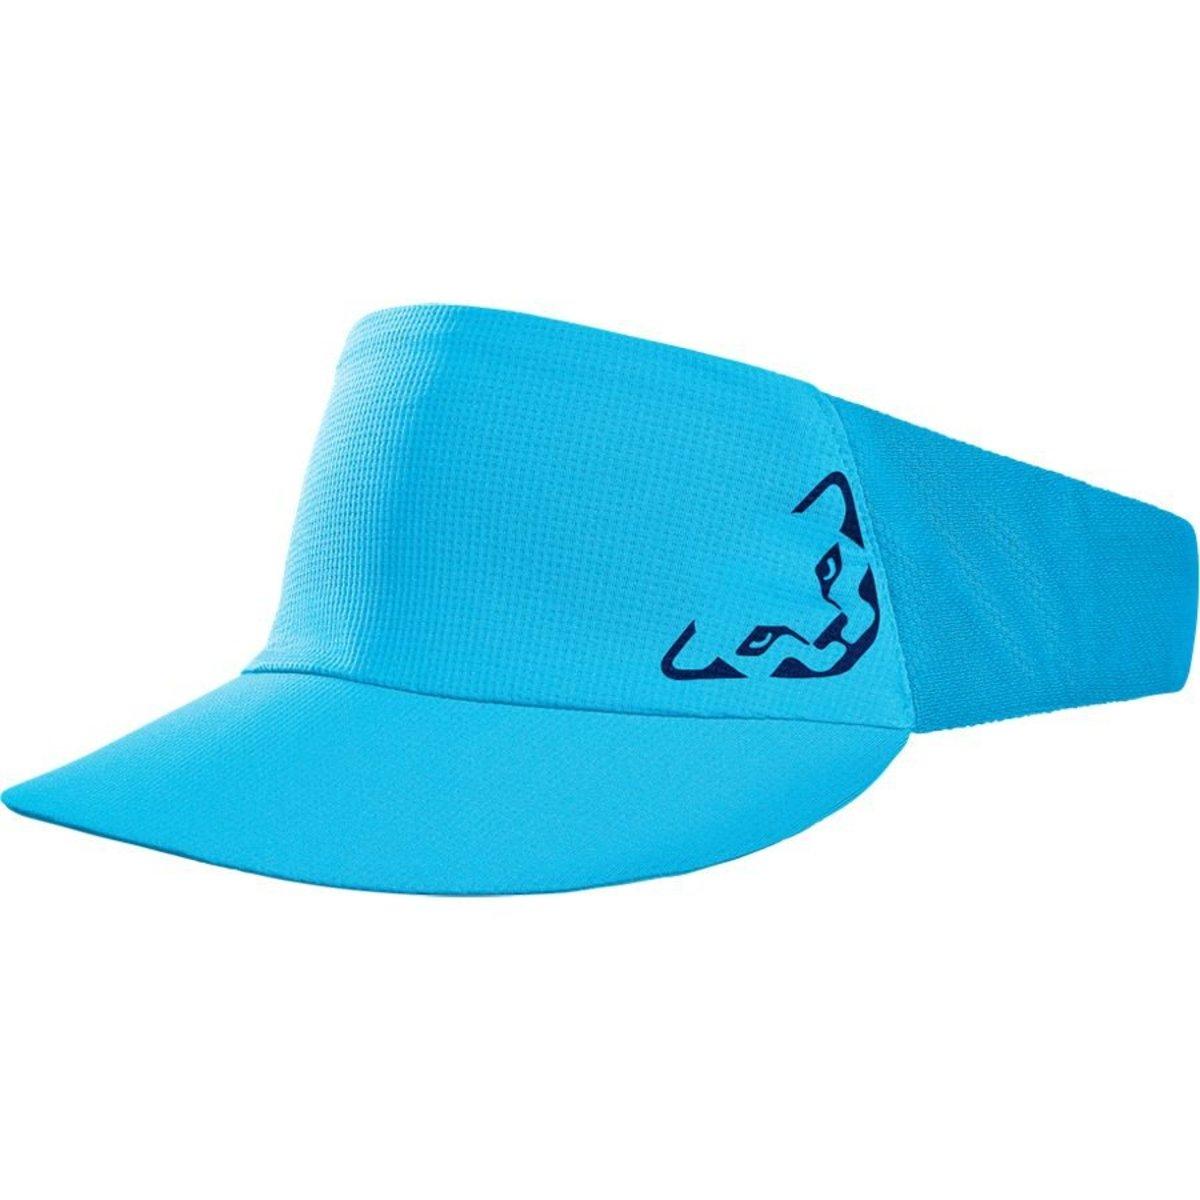 德國品牌帽 React Visor Band Methyl Blue/8960 Uni